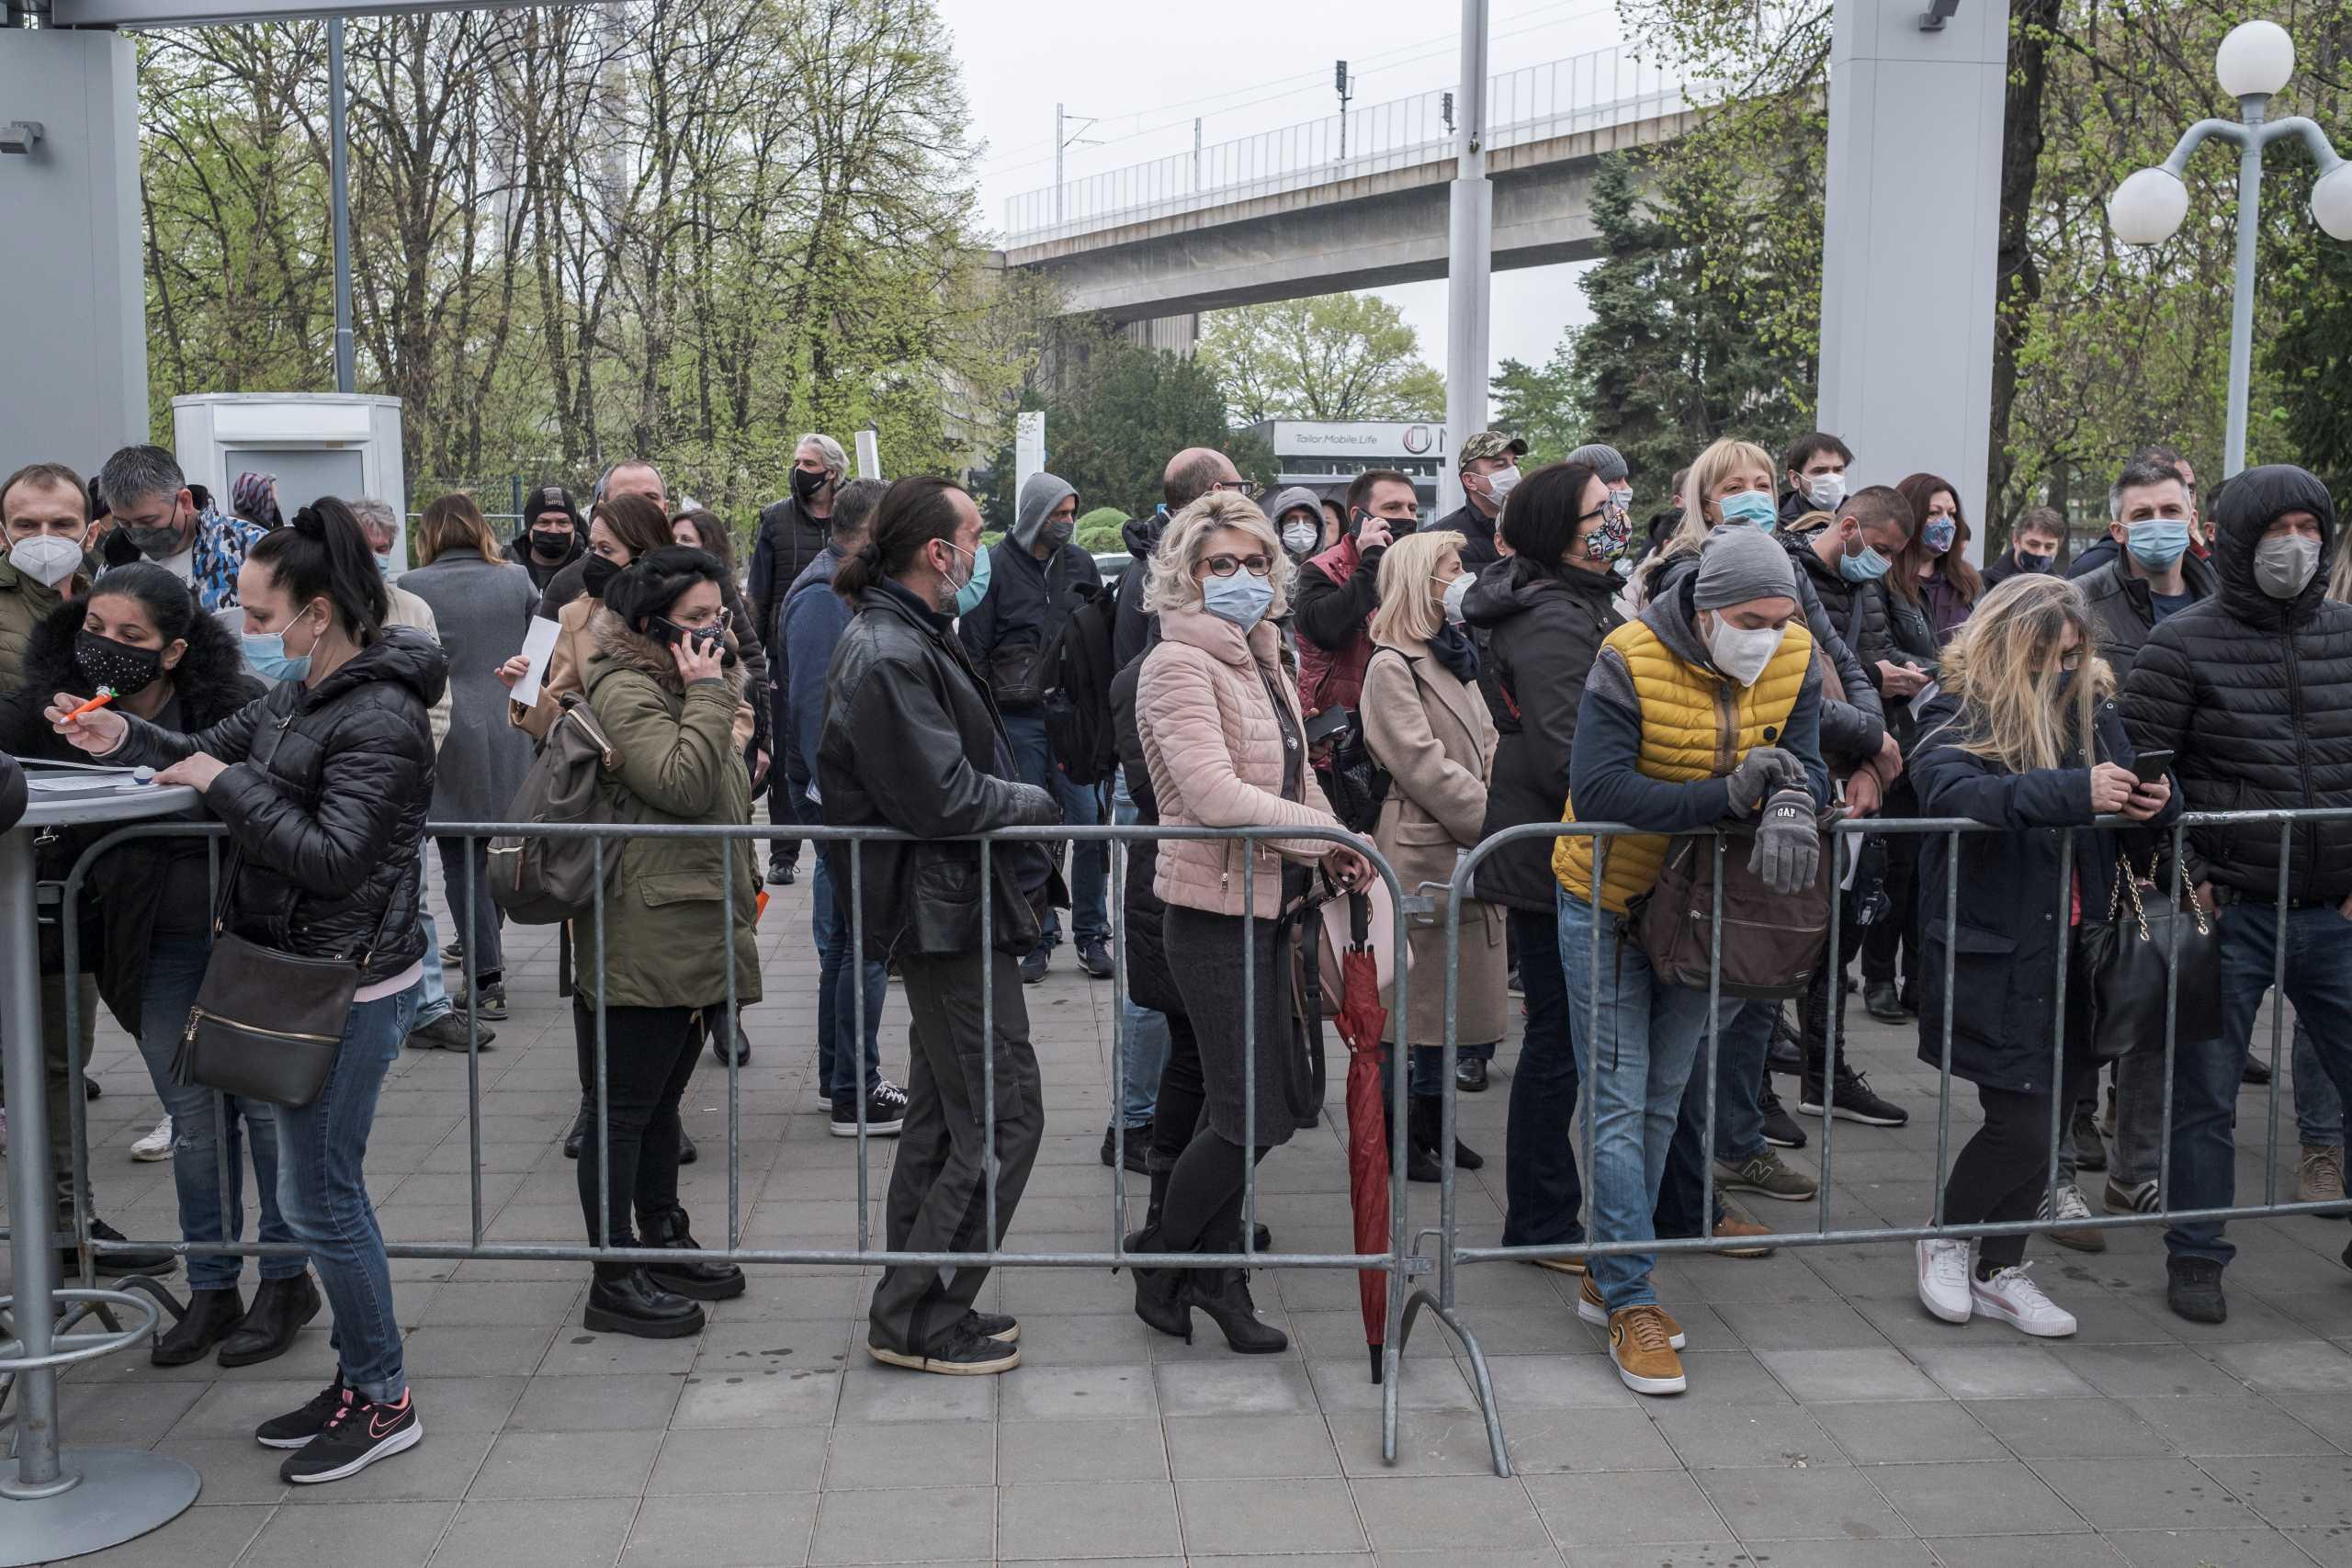 Σερβία: Στις 19 Απριλίου ανοίγουν τα σύνορα της Ελλάδας για τους Σέρβους